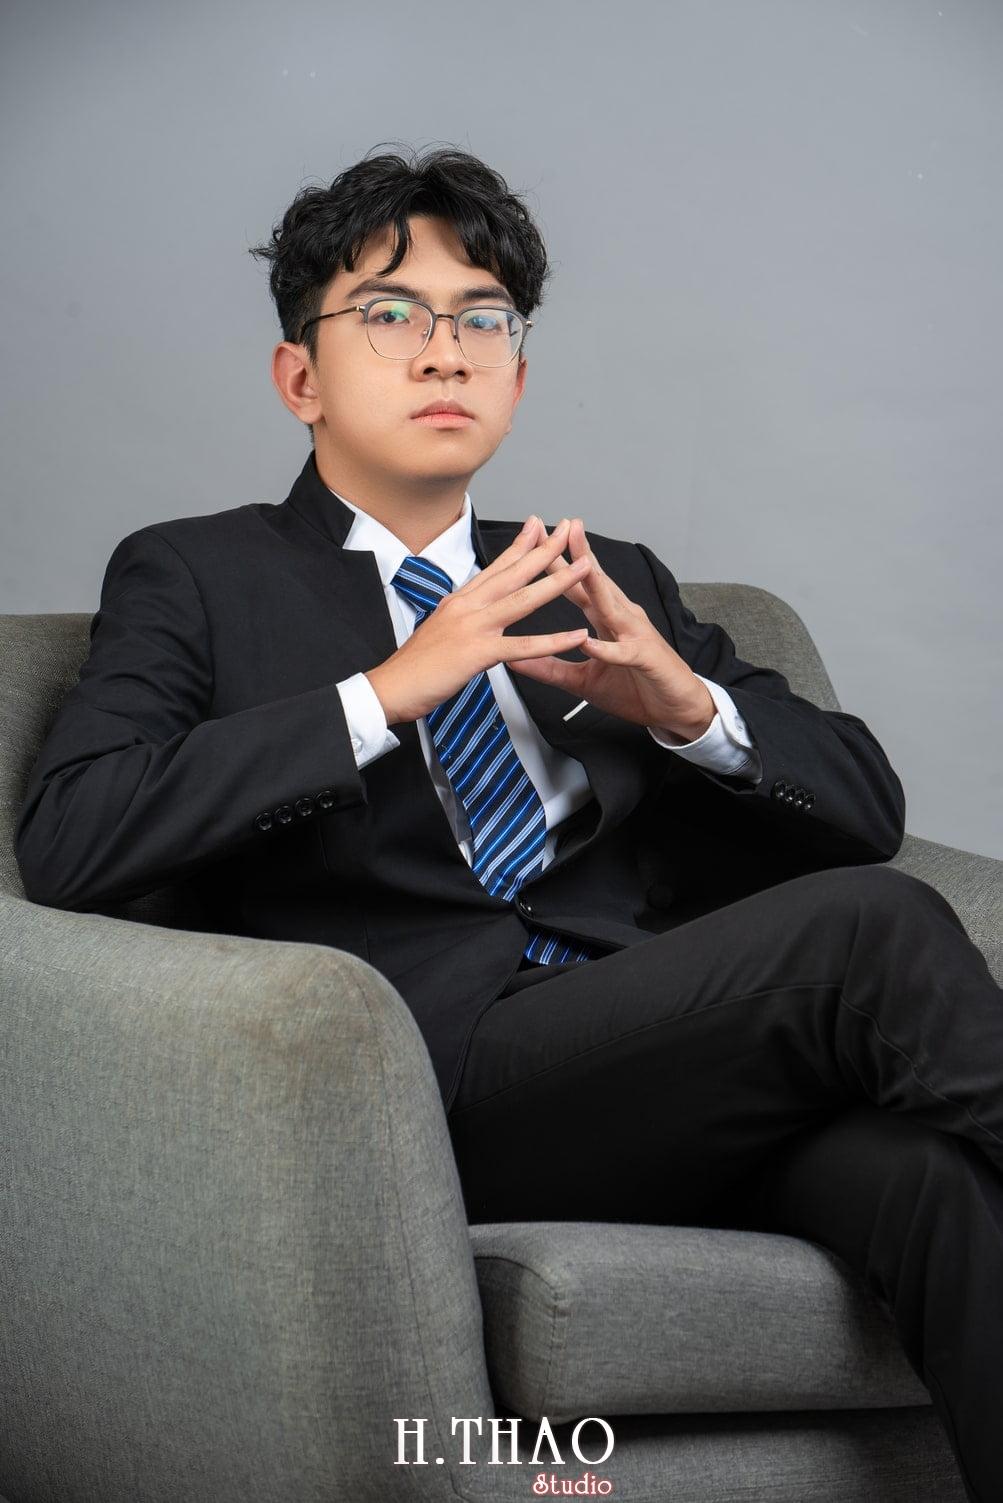 Profile wefinex 1 - 49 cách tạo dáng chụp ảnh profile đẹp, chuyên nghiệp nhất- HThao Studio